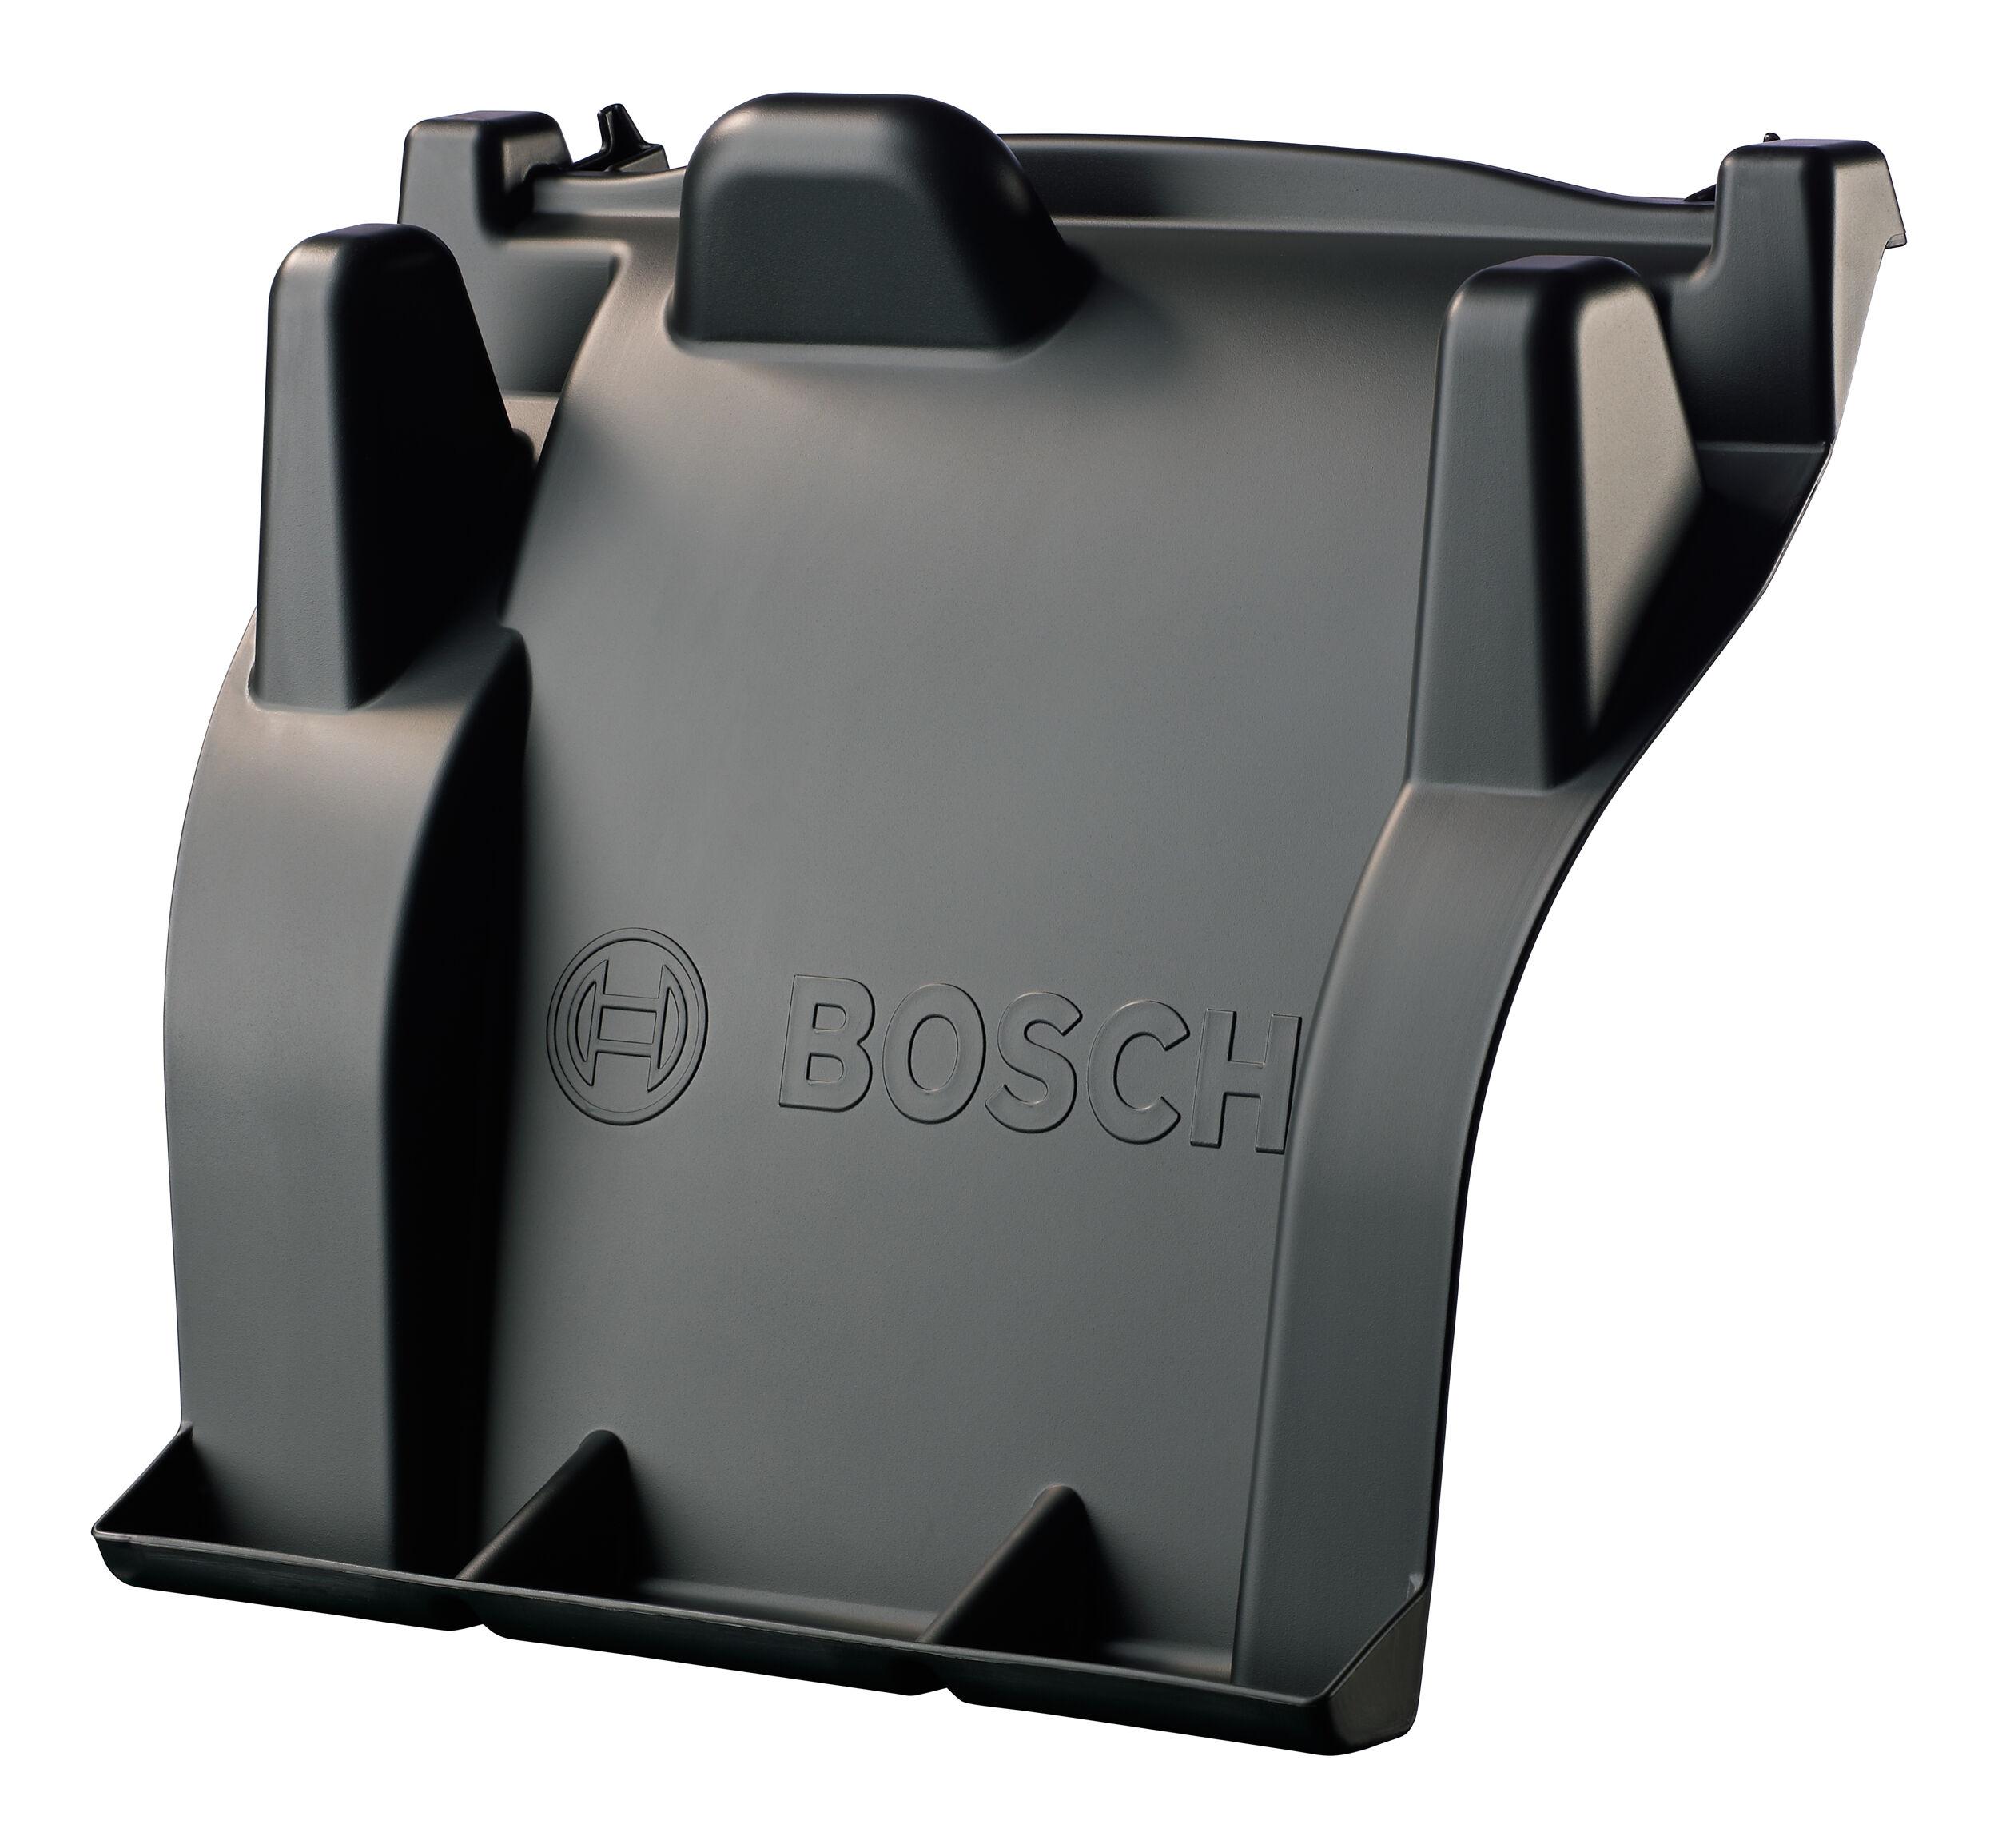 Bosch Garten Mulchzubehör MultiMulch für Rotak 34/37 - F016800304